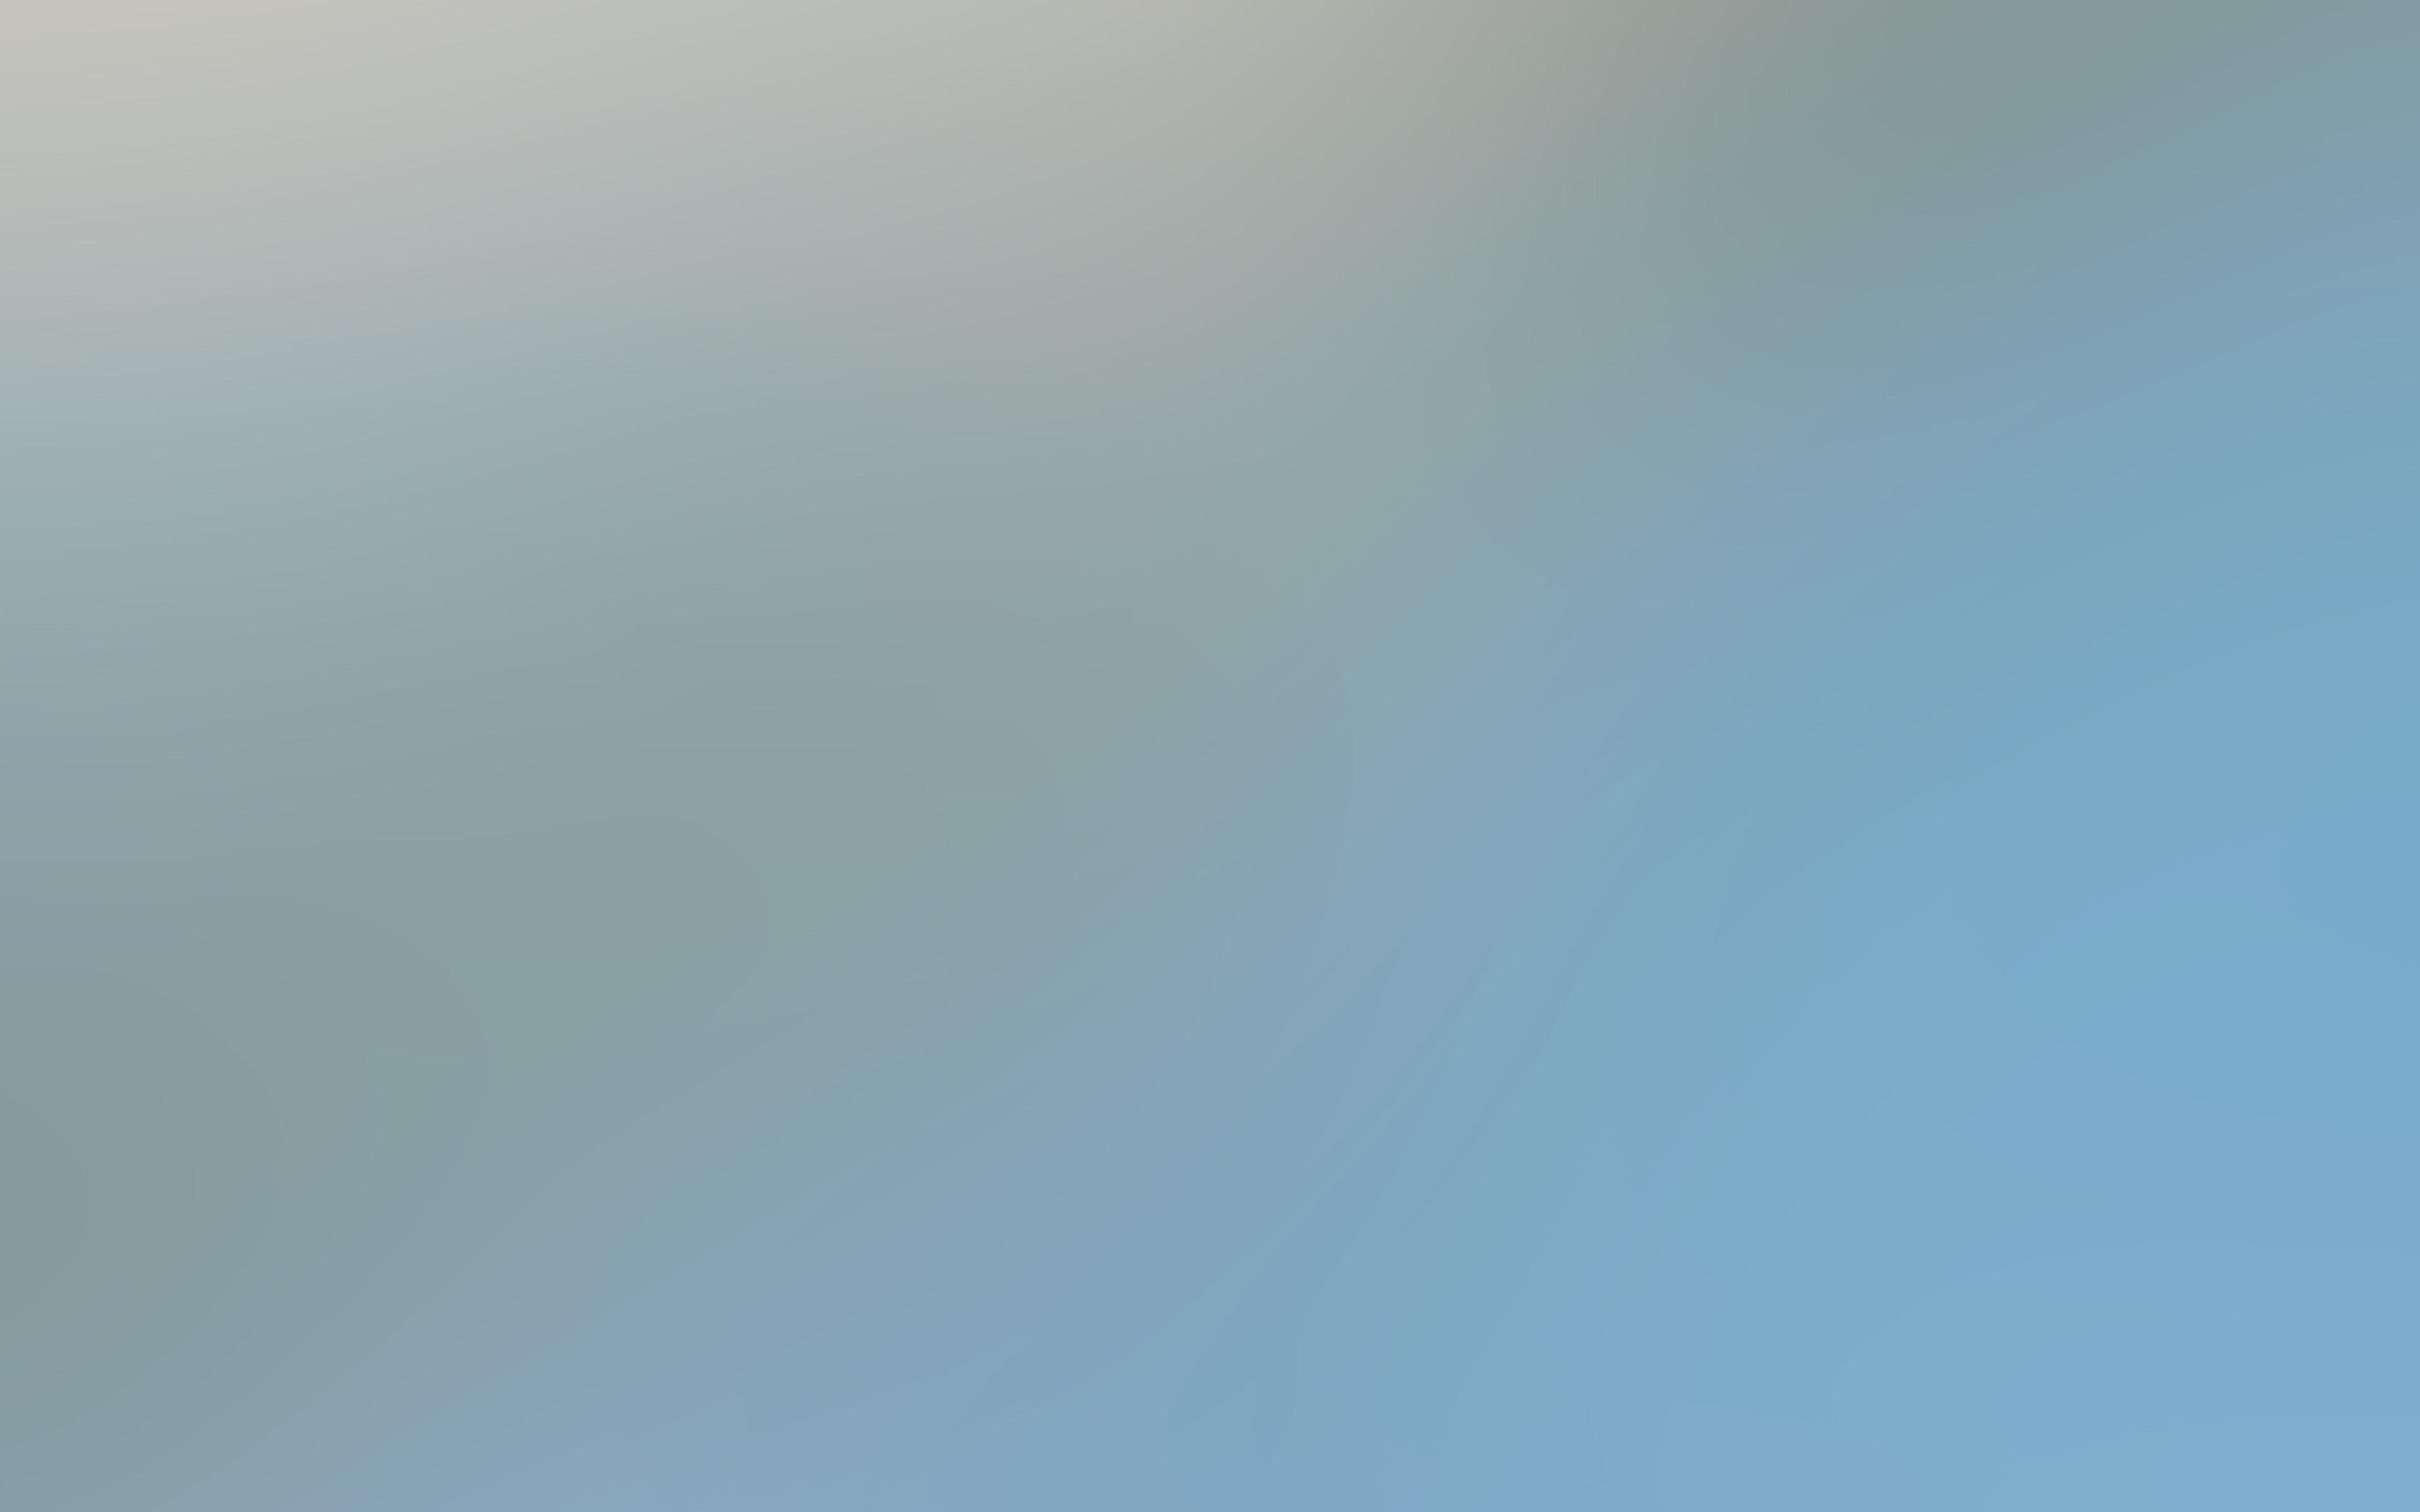 Pastel Blue Part - 34: 3840 X 2400